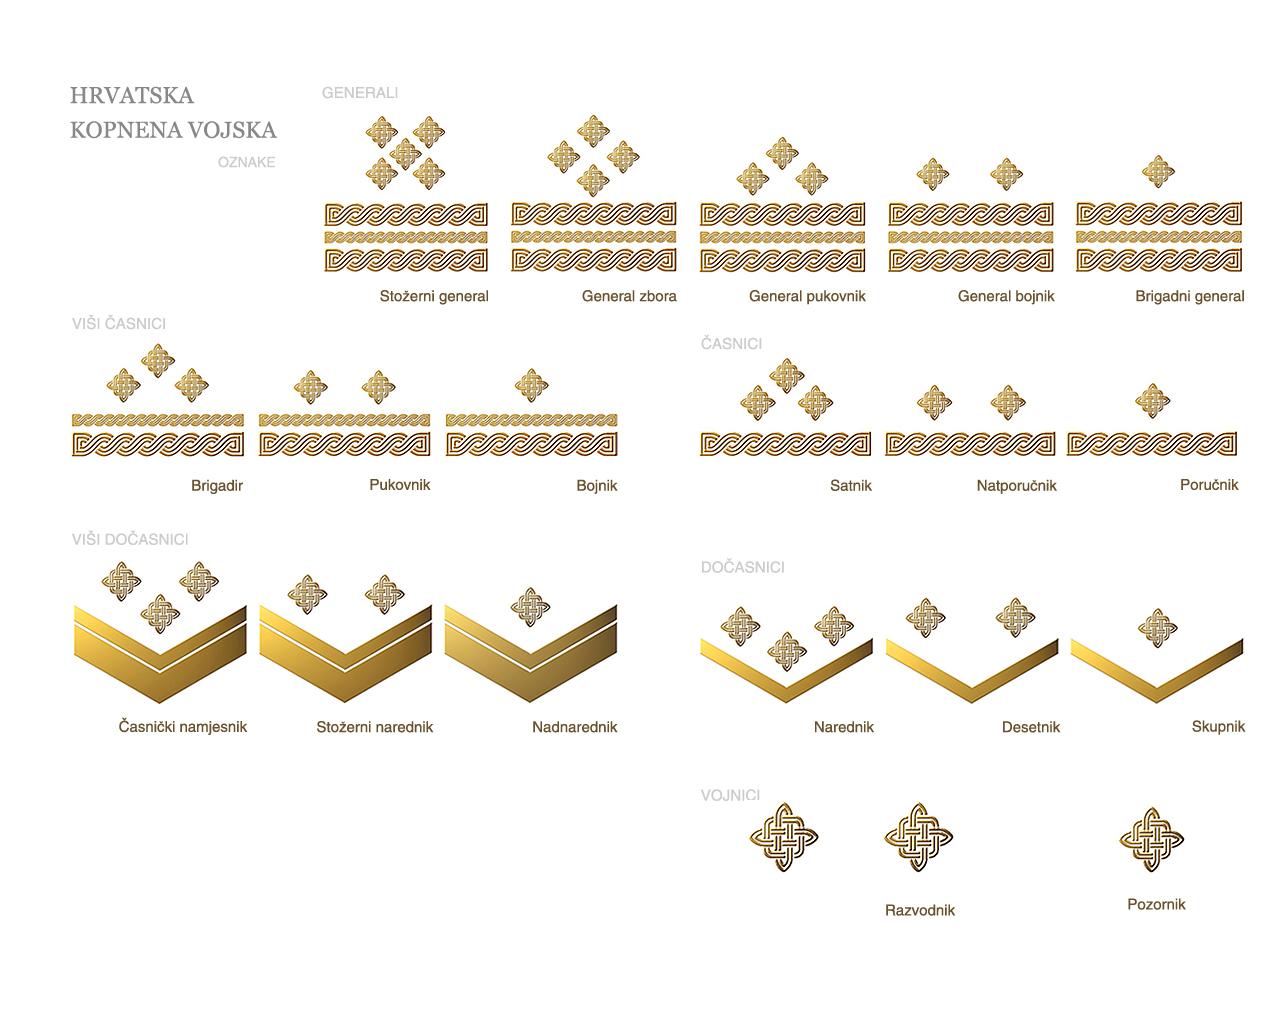 Kopnena vojska činovi 1280 x 1050